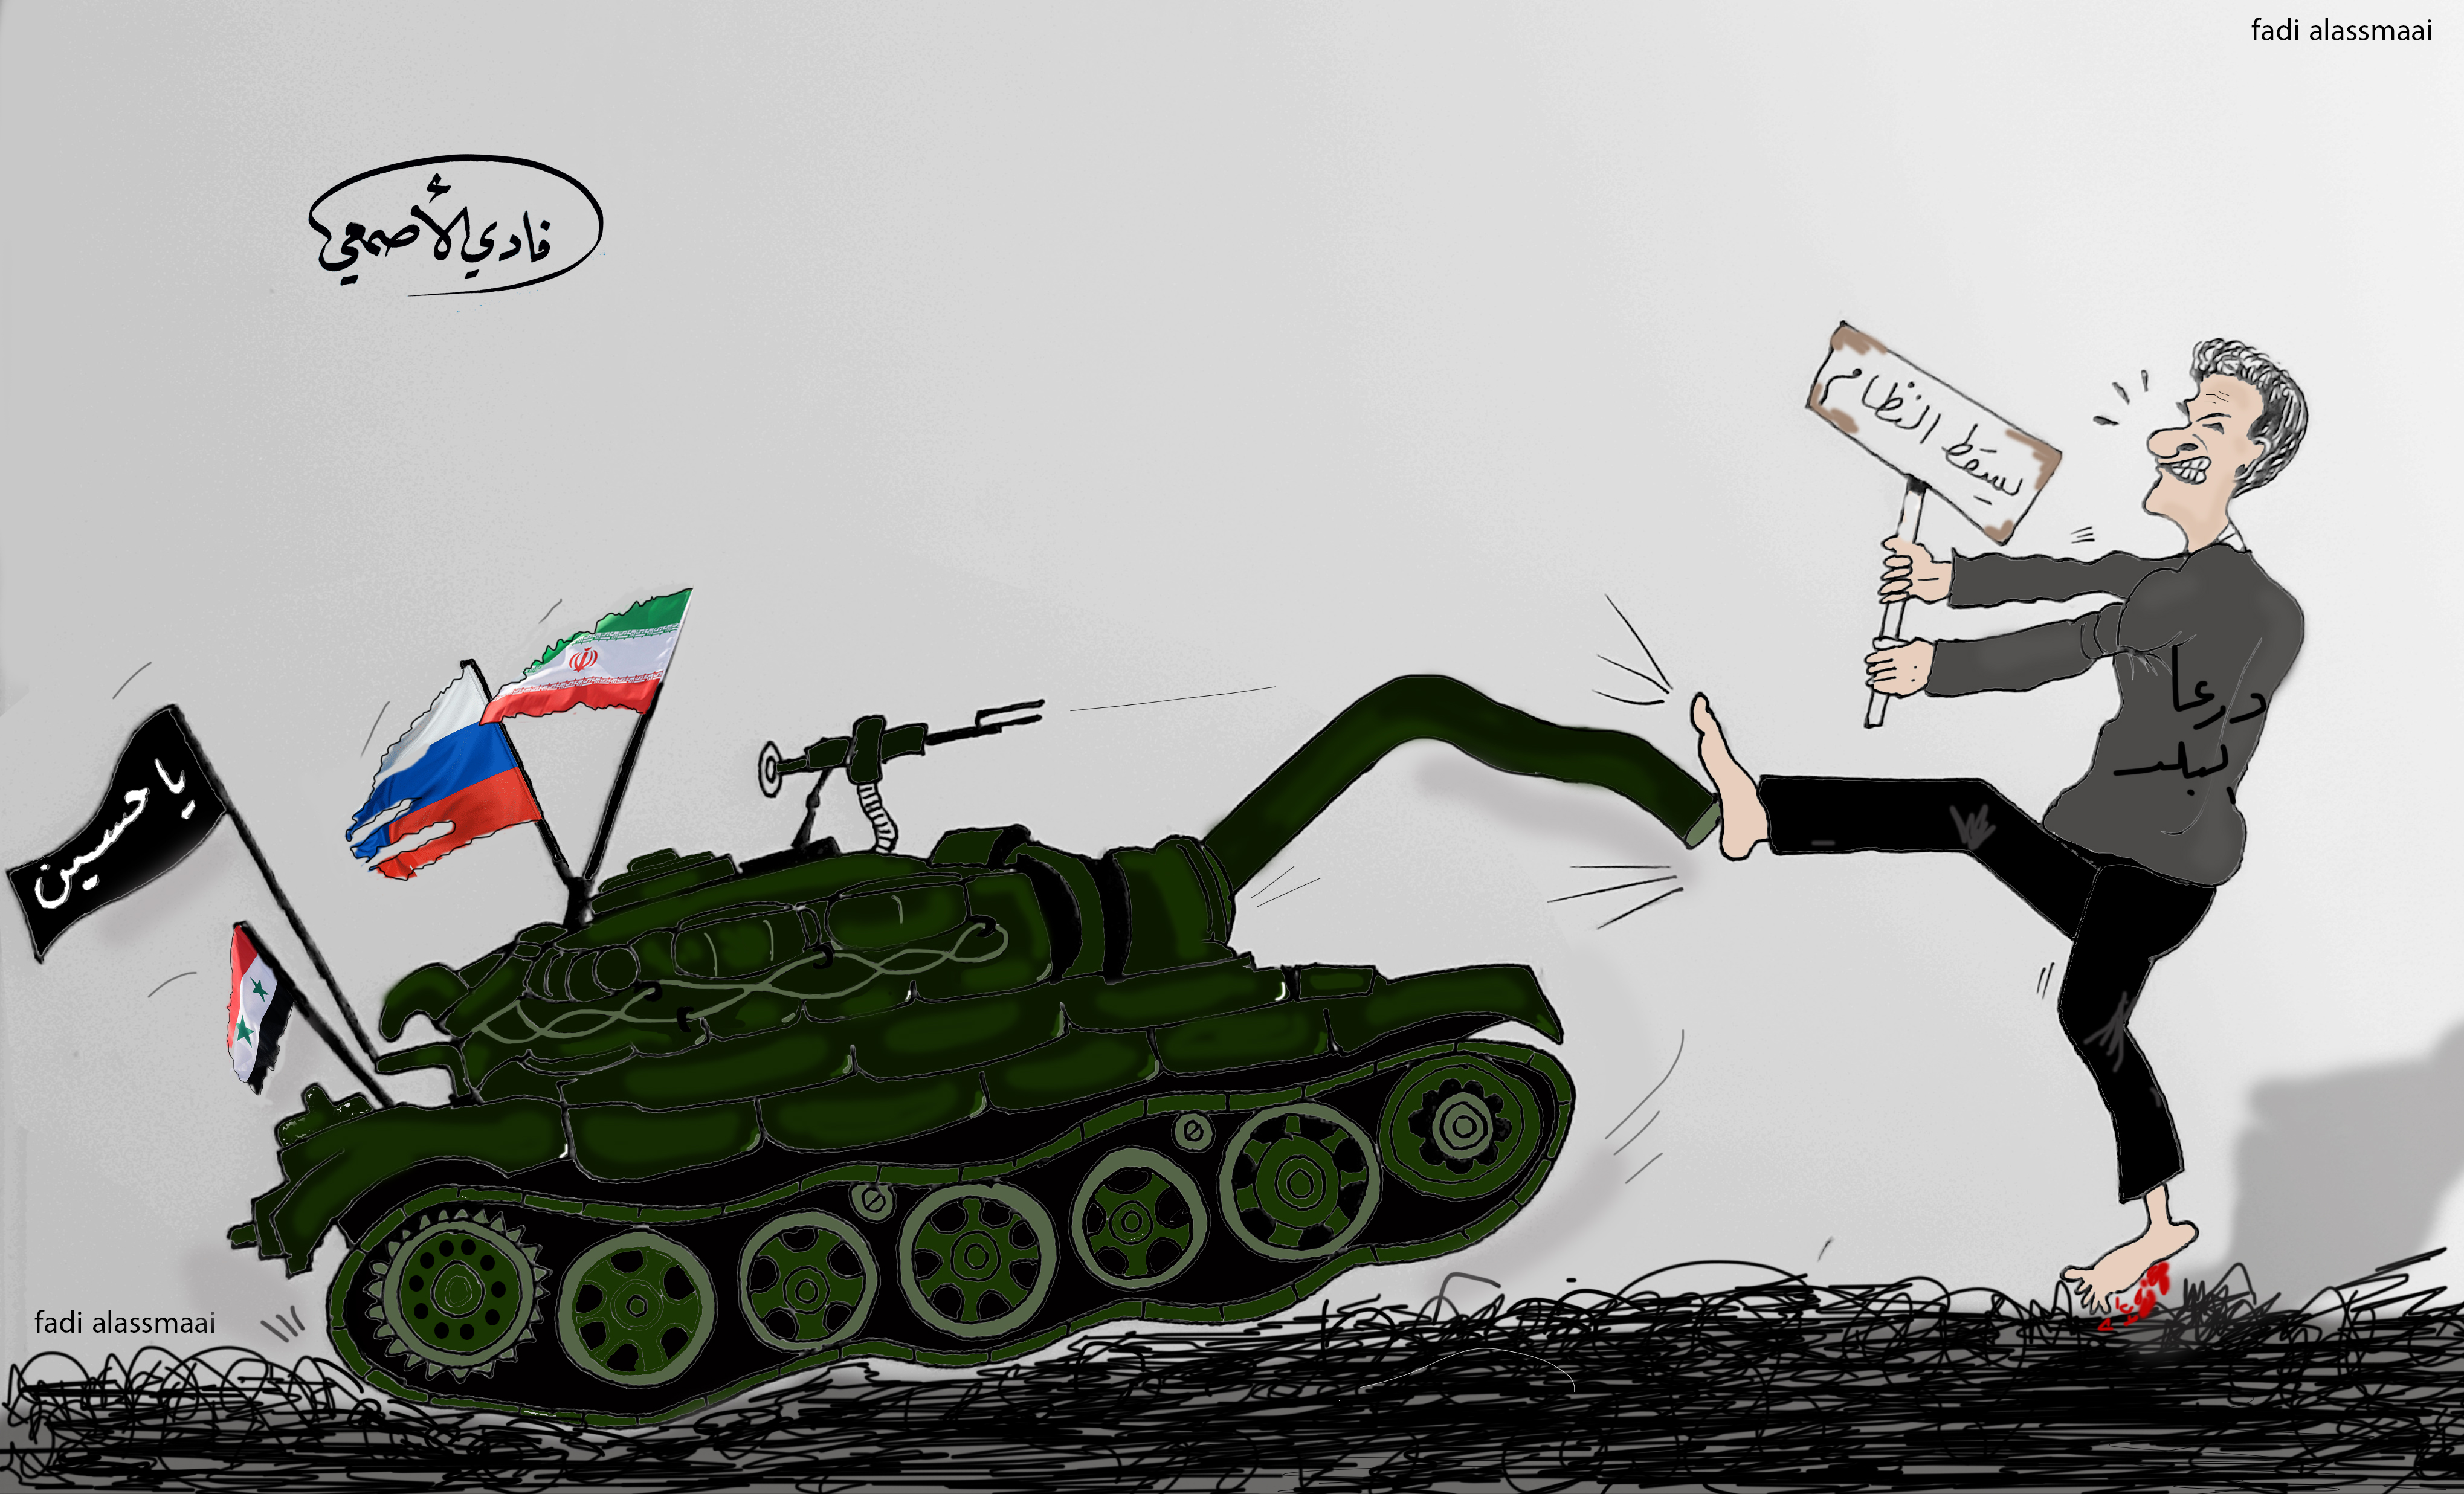 """كاريكاتير: عندما تواجه العين المخرز """"الدبابة""""(خاص للسوري اليوم)"""